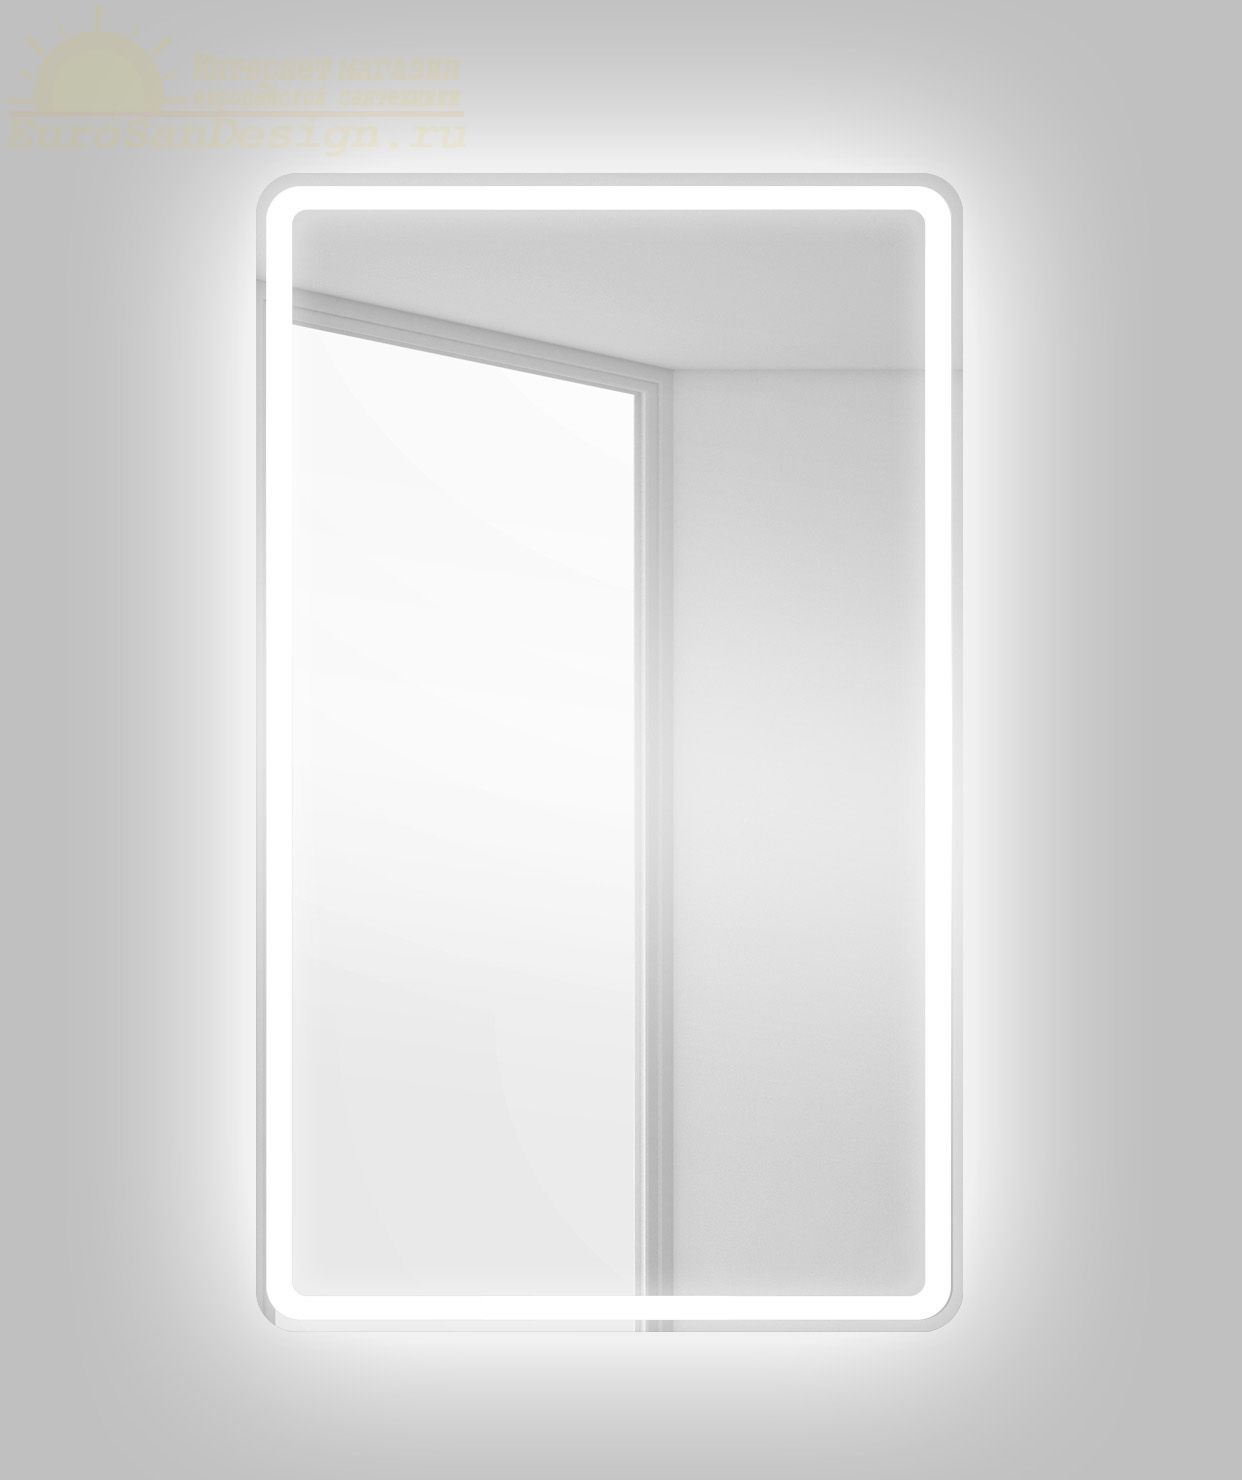 Зеркало для ванной комнаты BelBagno SPC-MAR-500-800-LED-BTN ФОТО